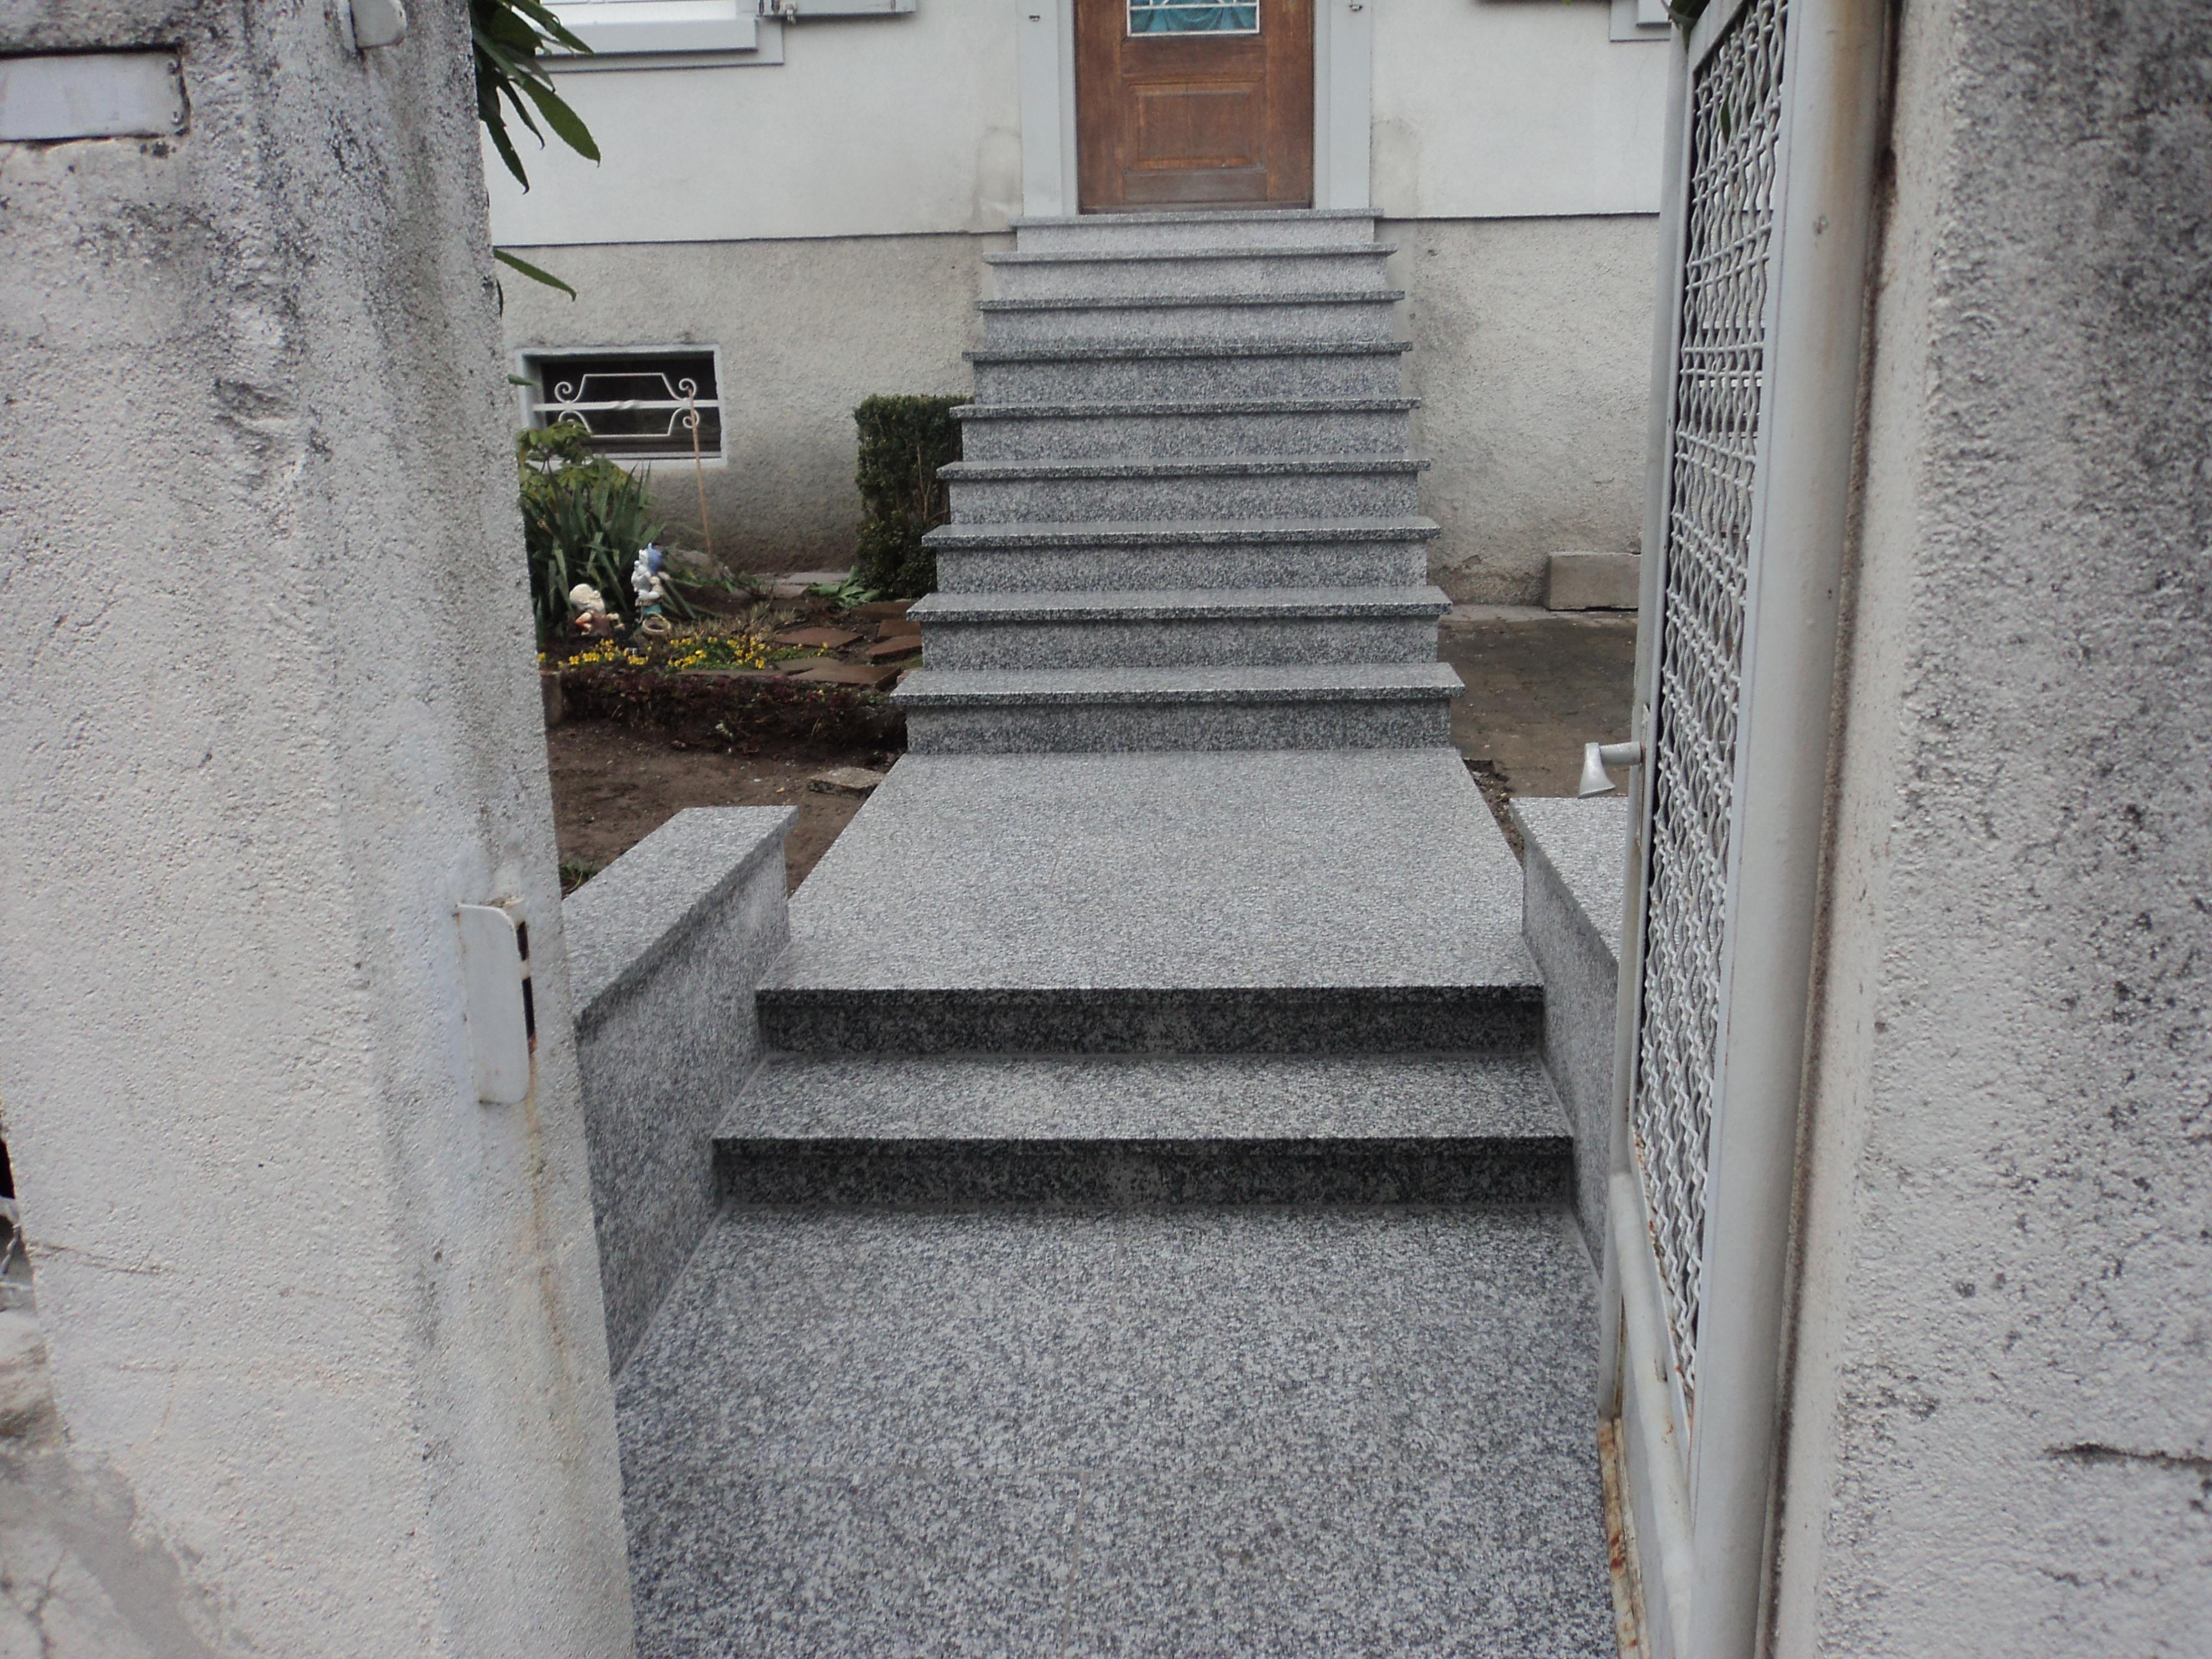 Escalier extérieur granit dans le secteur d' Ensisheim